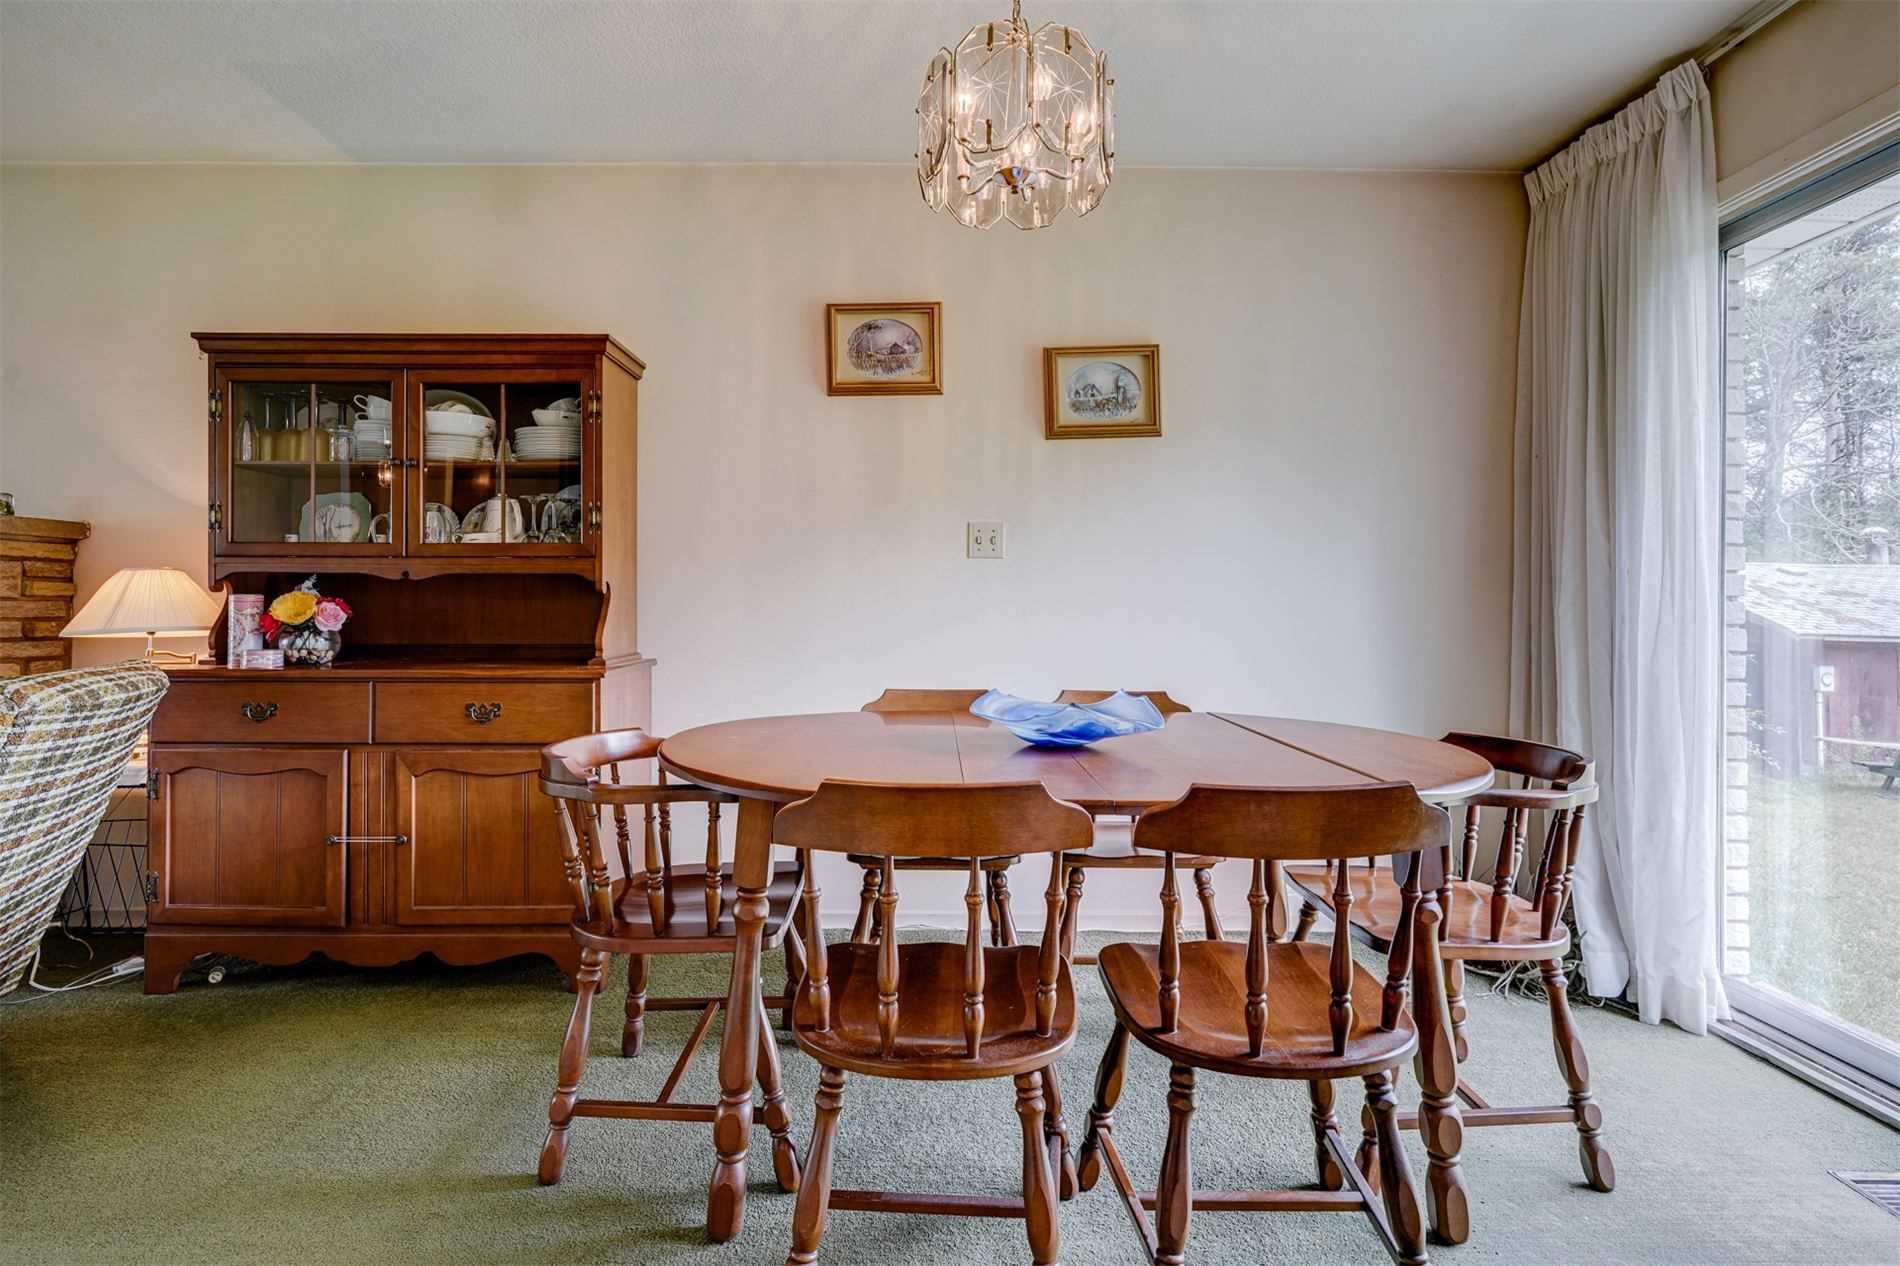 4189 Brock Rd - Uxbridge Detached for sale, 3 Bedrooms (N5311768) - #15